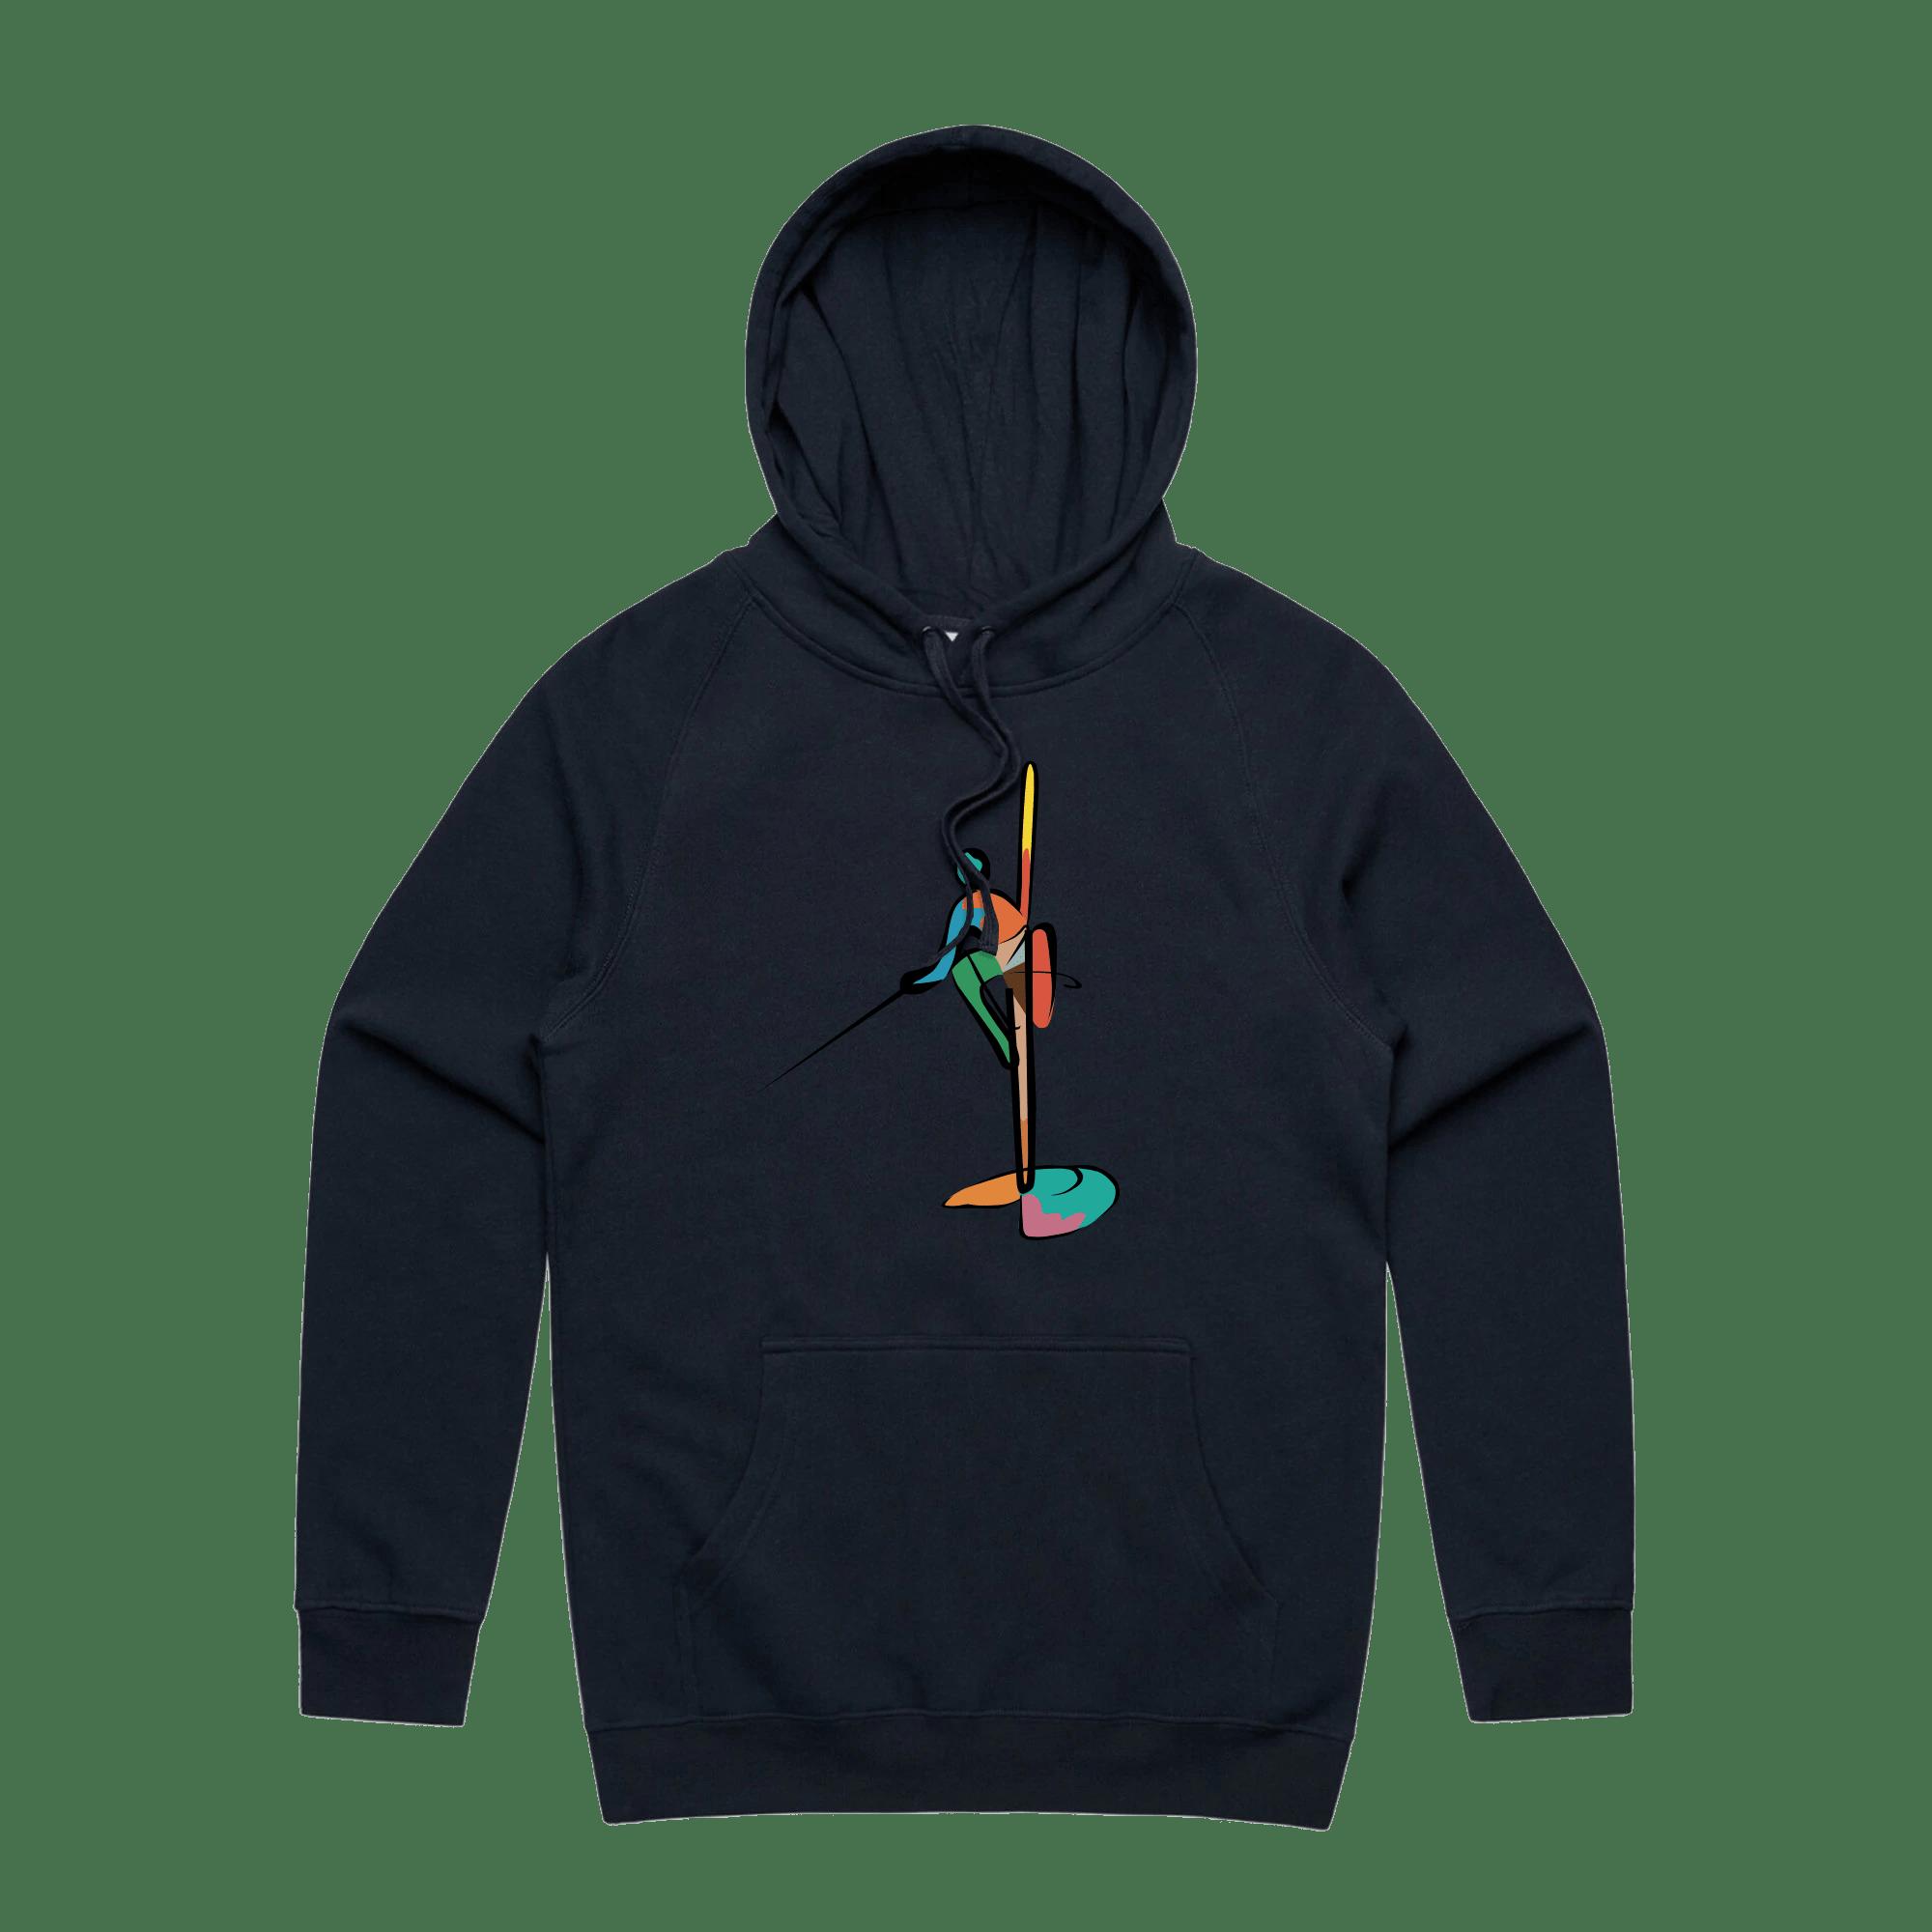 Colourful Fisherman Hoodie - NAVY